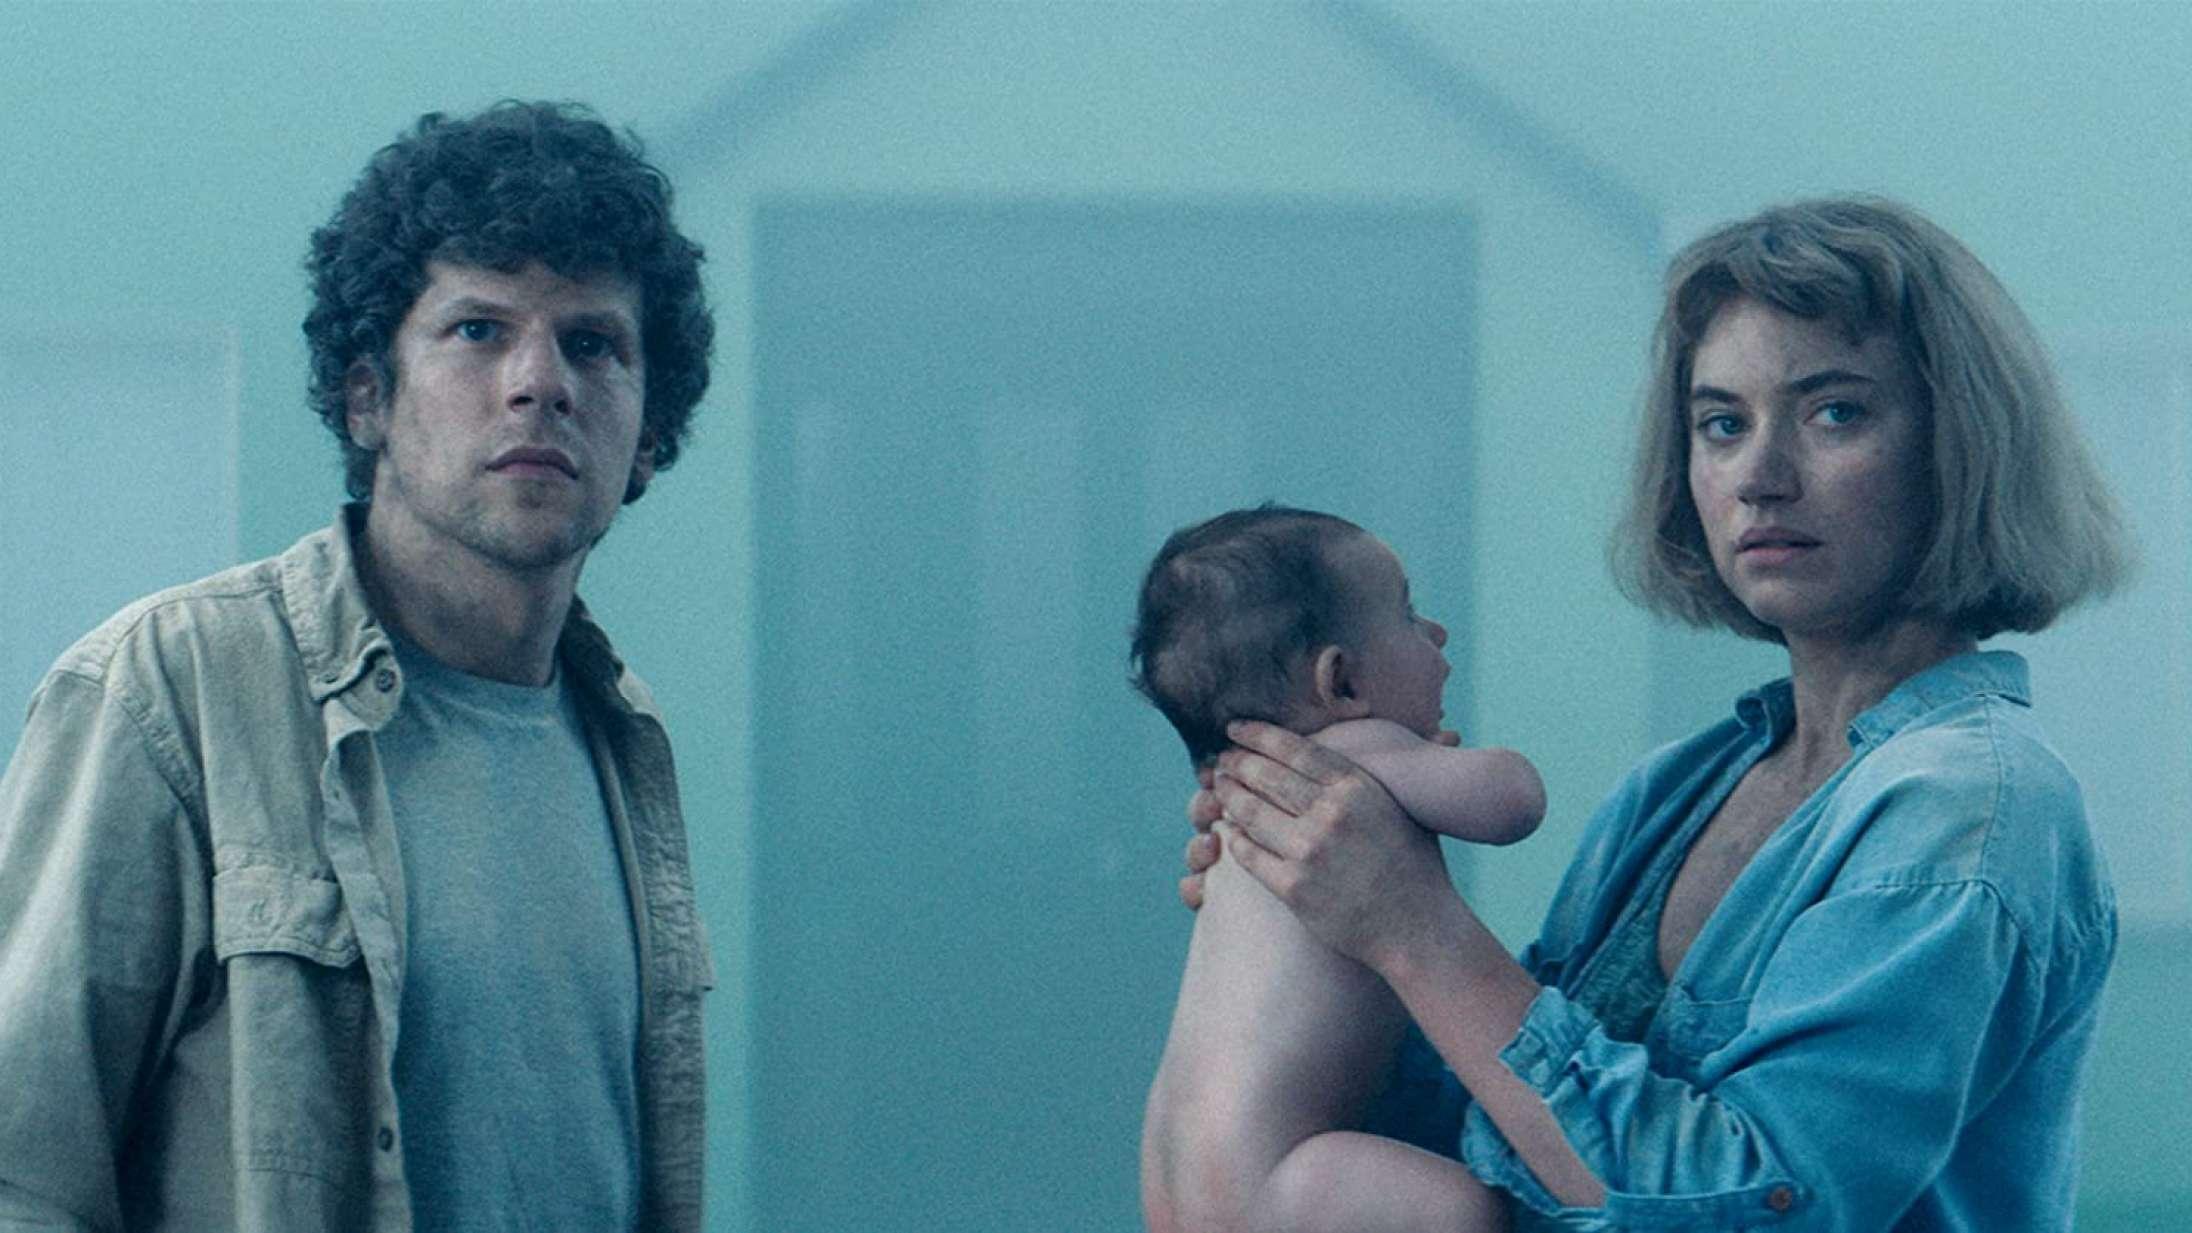 'Vivarium': Jesse Eisenberg fører an i ny film absolut uegnet for unge førstegangskøbere